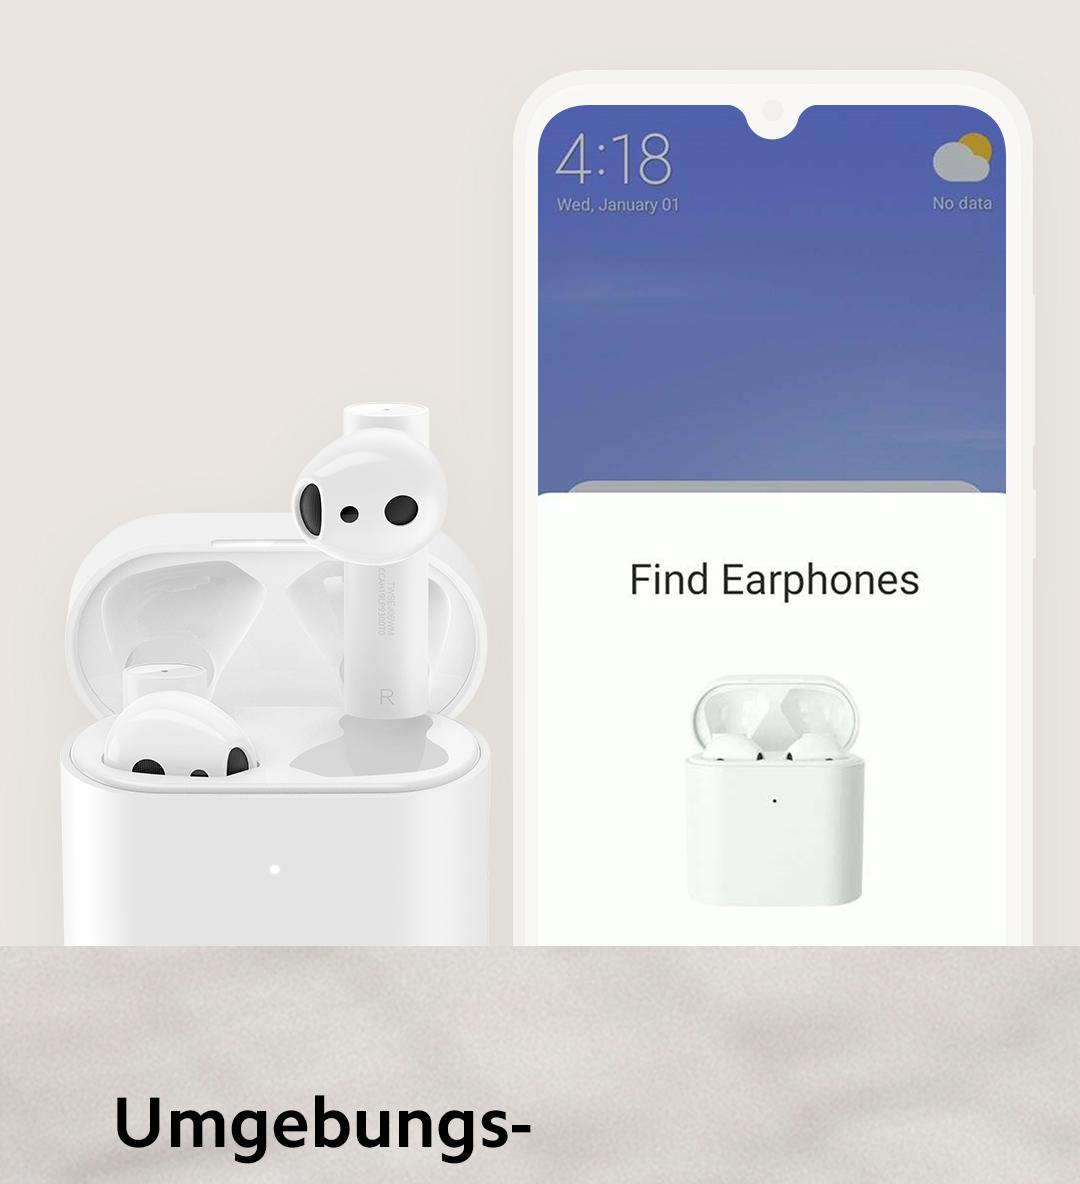 Mi True Wireless Earphones 2 Produktinformationen Germany